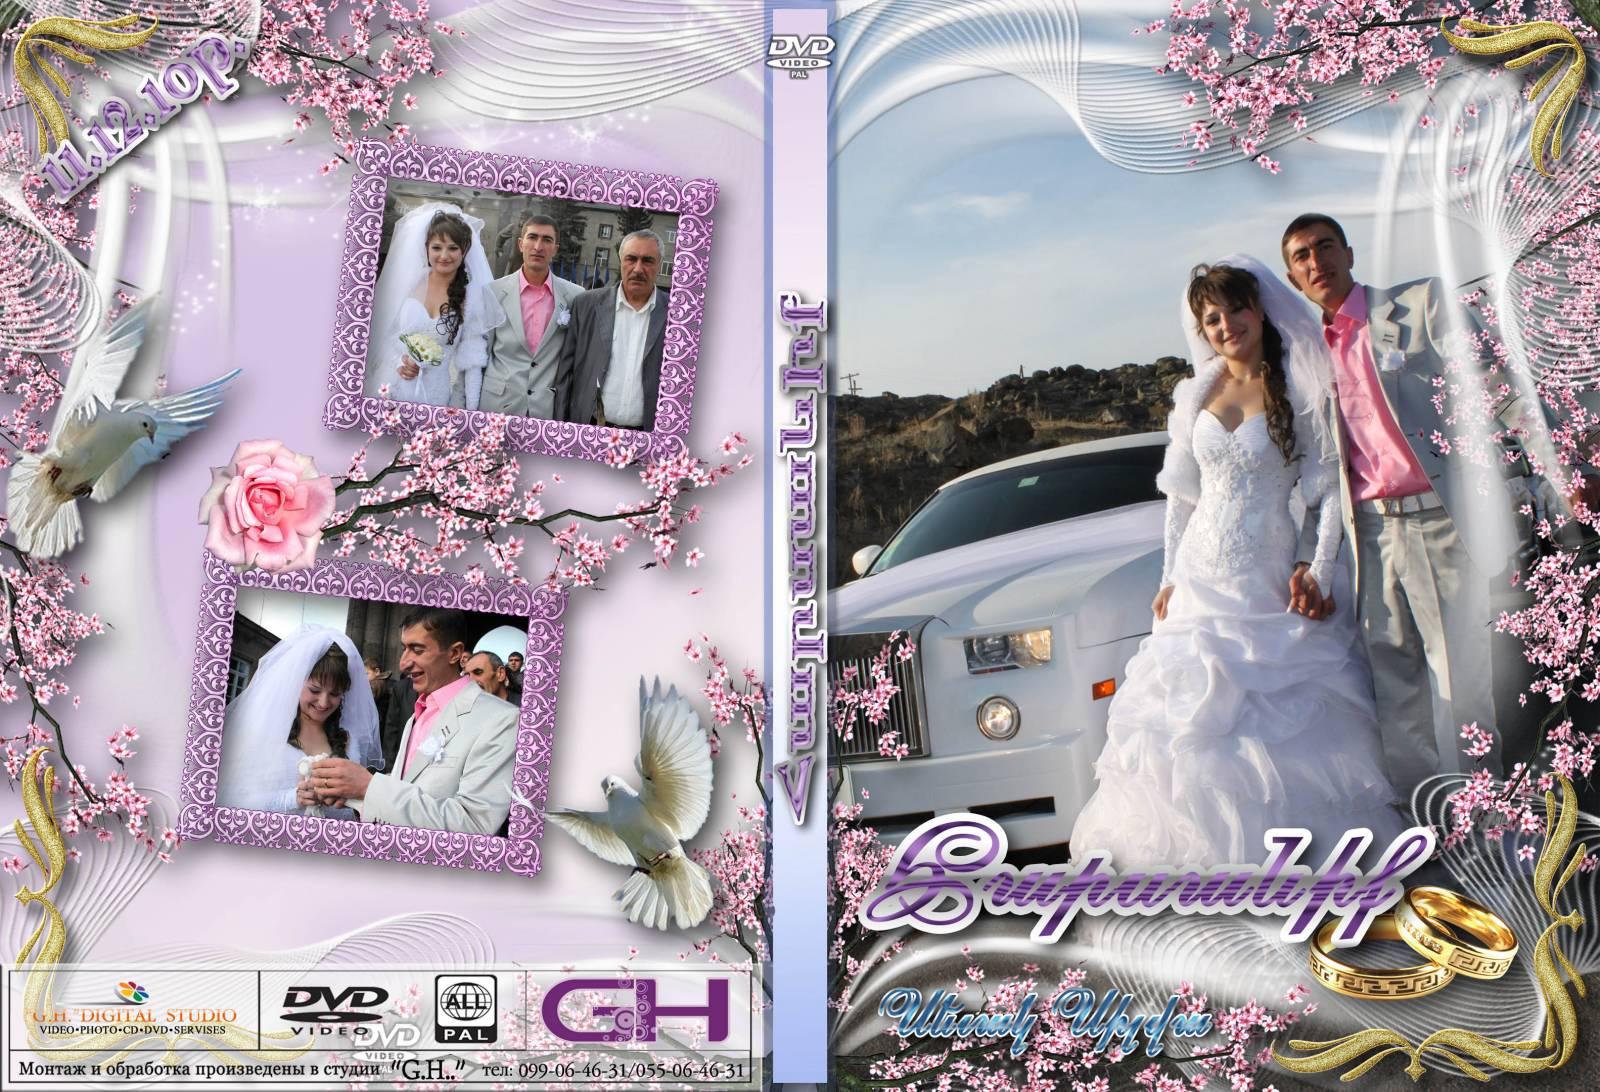 Свадебный салон, интернет магазин 39